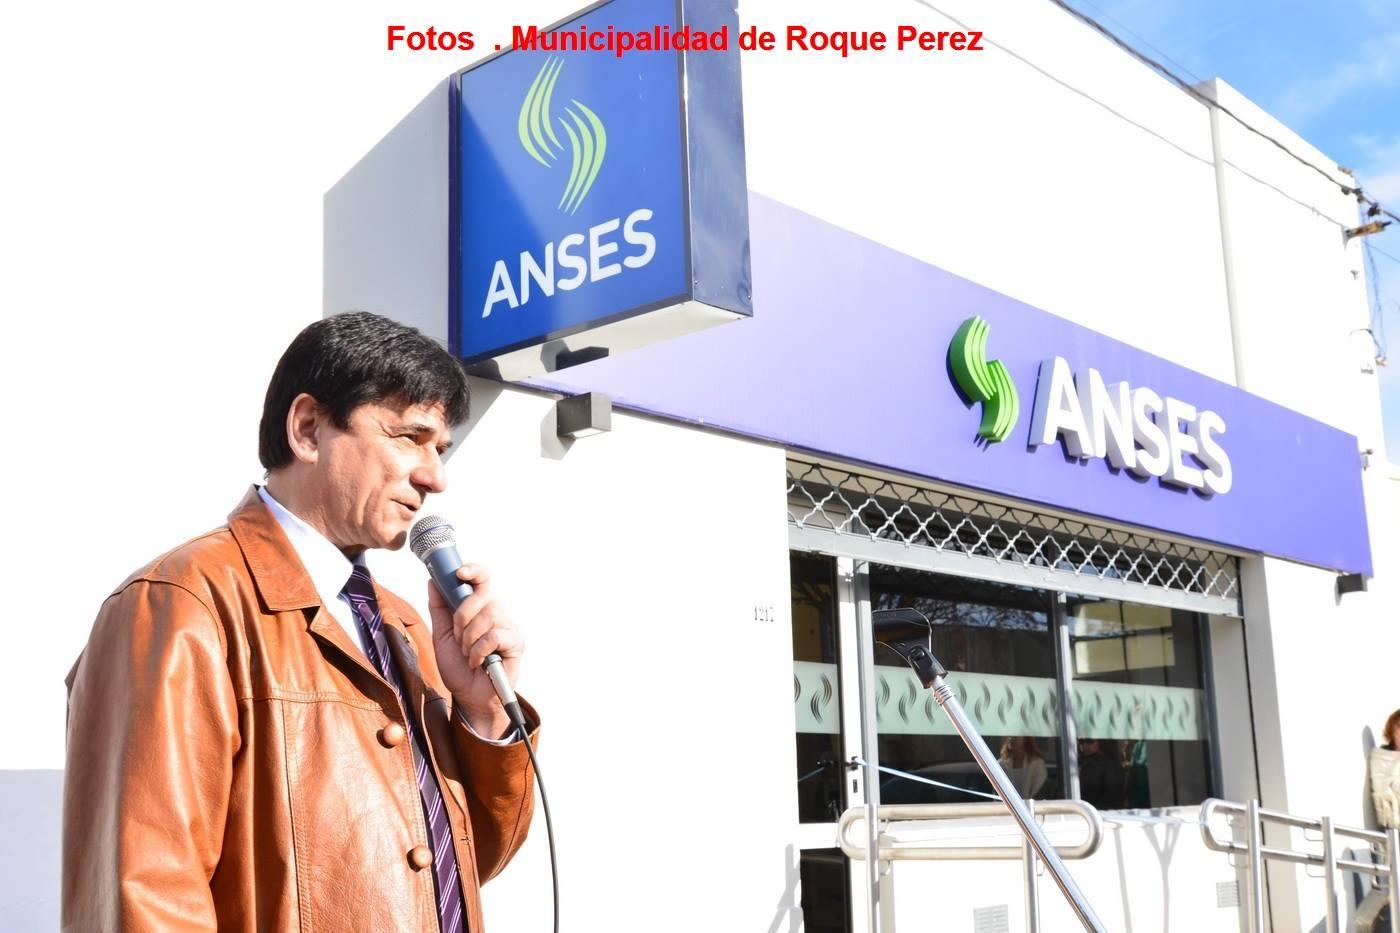 El intendente de Roque Pérez afirmó que la situación está controlada